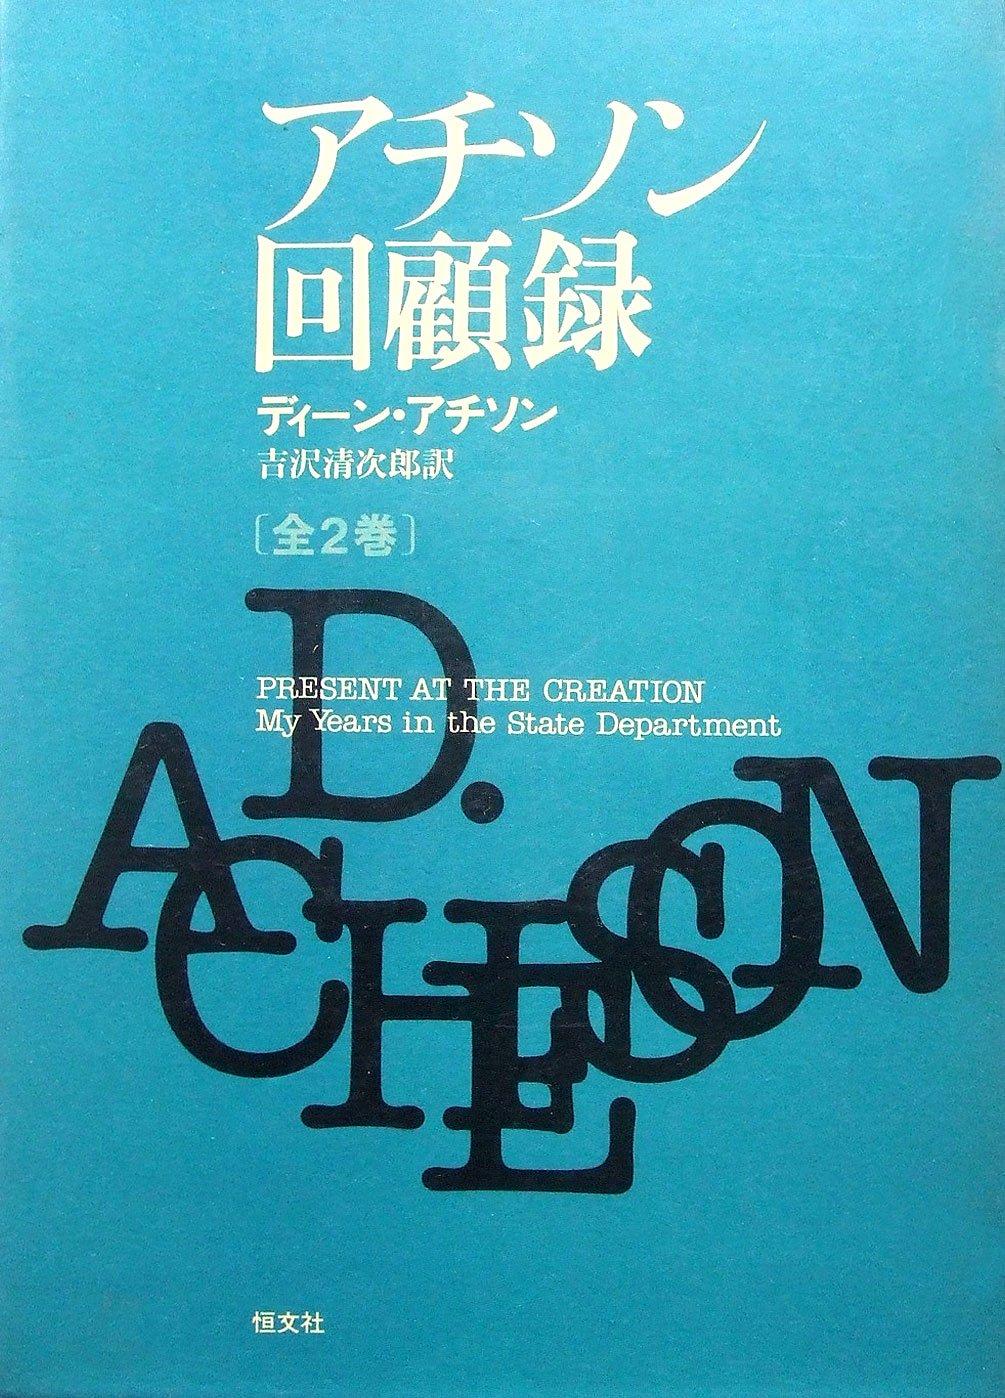 アチソン回顧録 全2巻 | ディー...